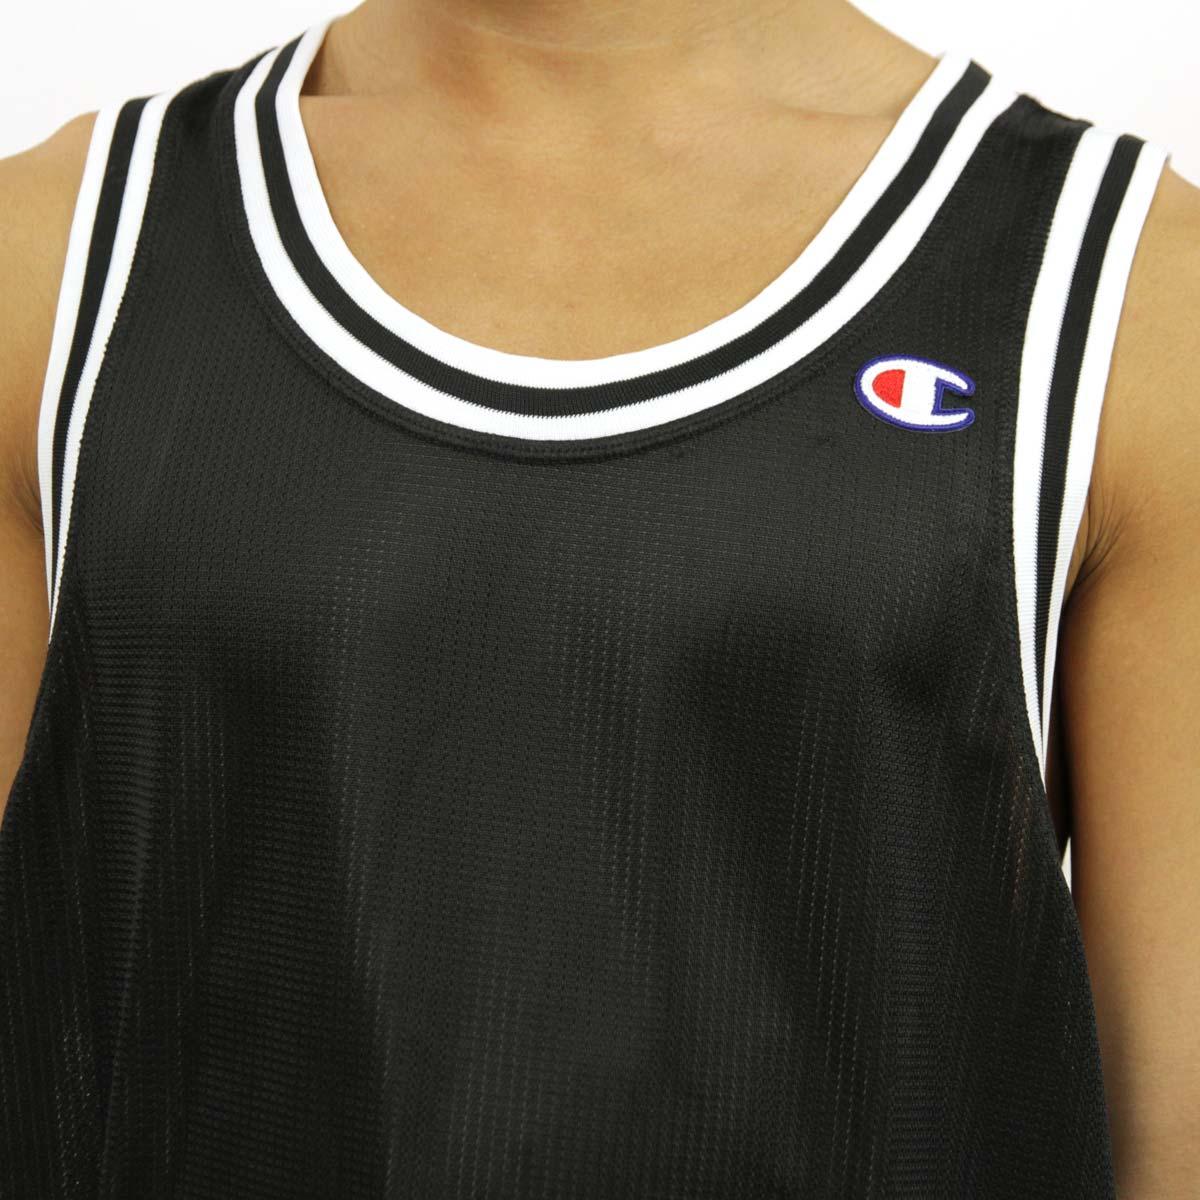 23296395cc7d チャンピオン CHAMPION 正規品 メンズ タンクトップ TANK TOP T8831 City Mesh Jersey 003-BLACK